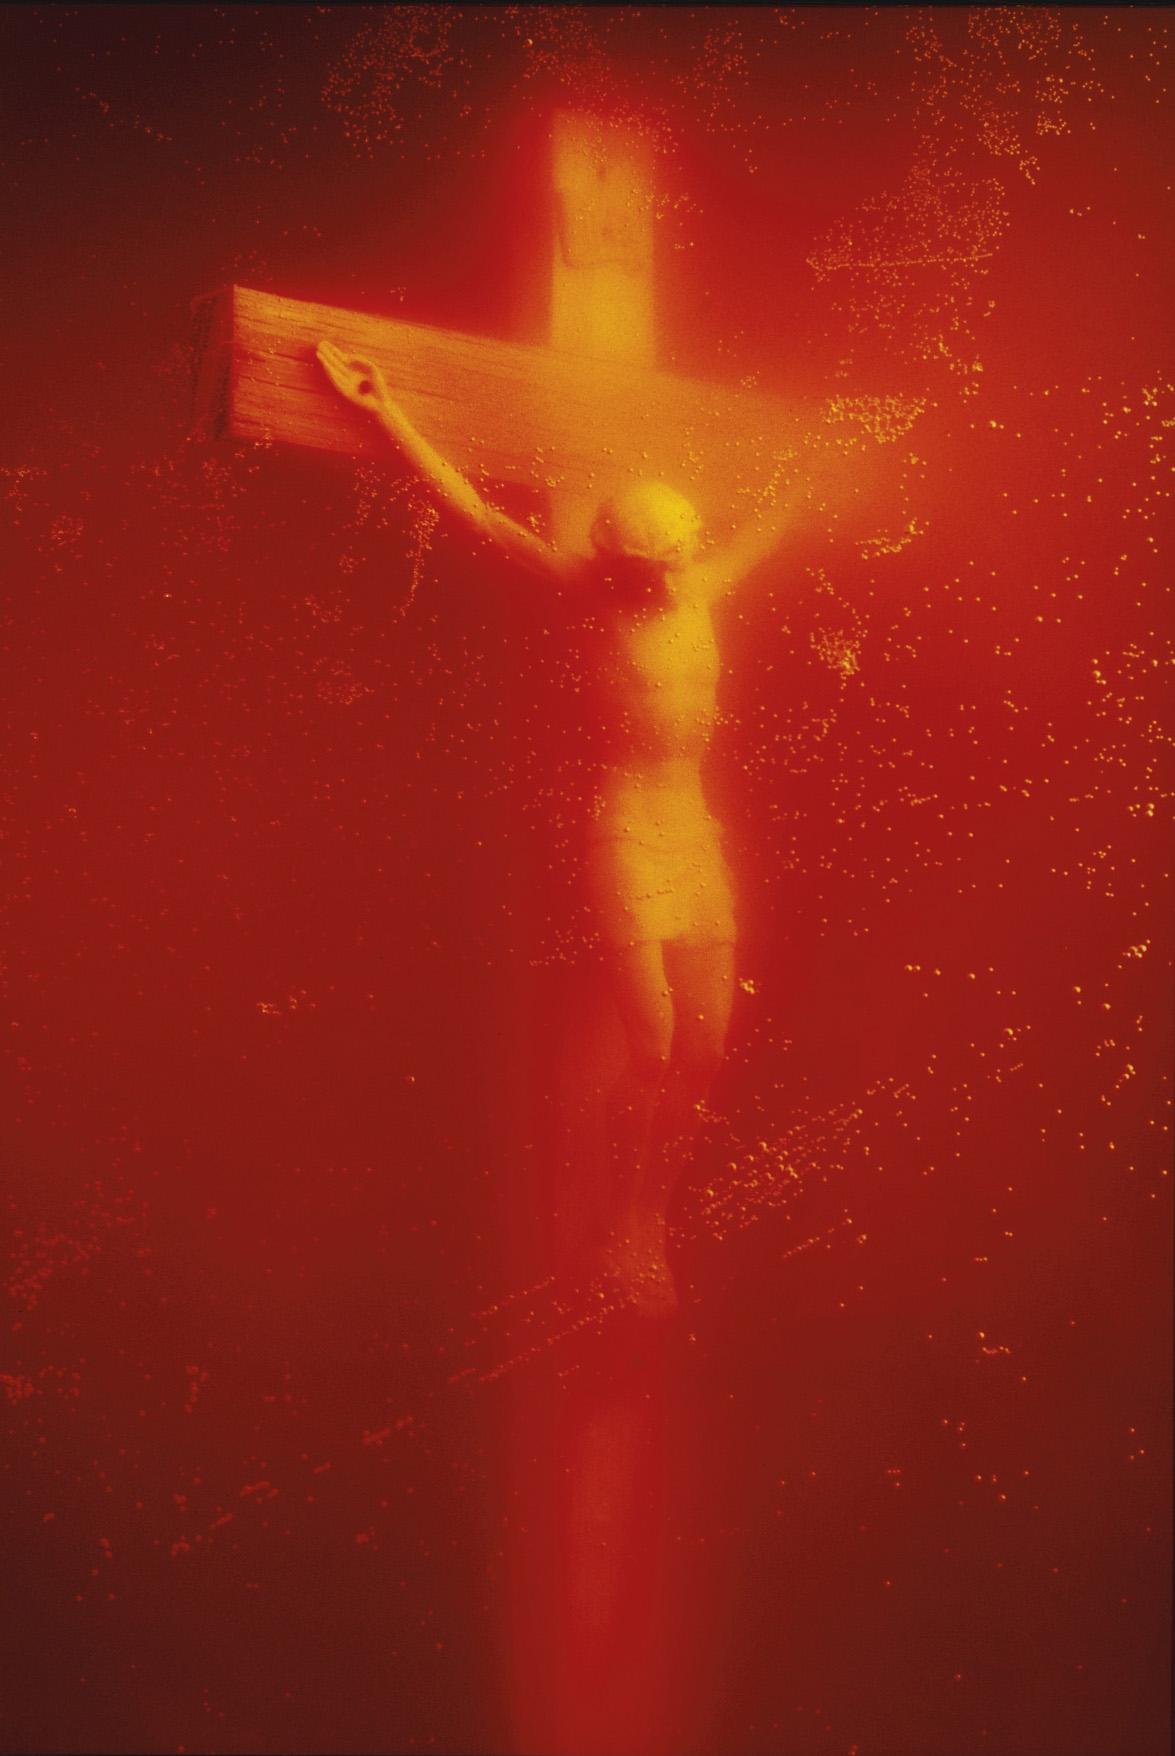 Contro la censura Piss Christ di Serrano a Photolux